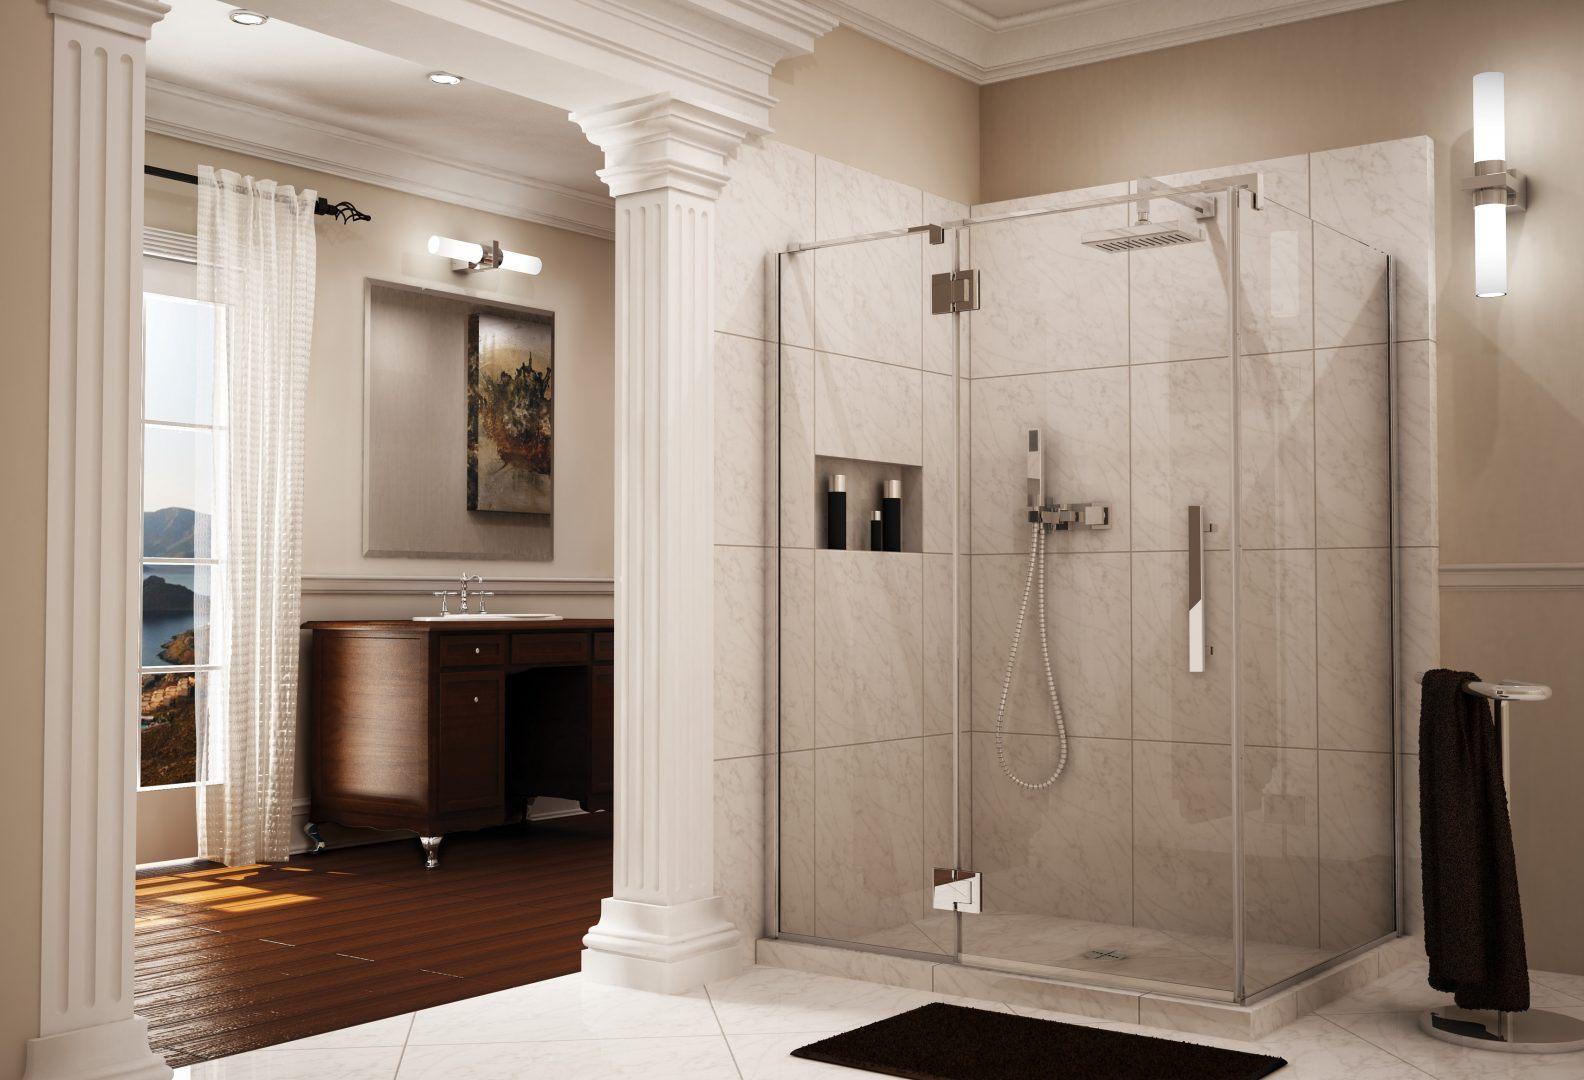 Tipos de divis rias de casa de banho for Duchas modernas 2018